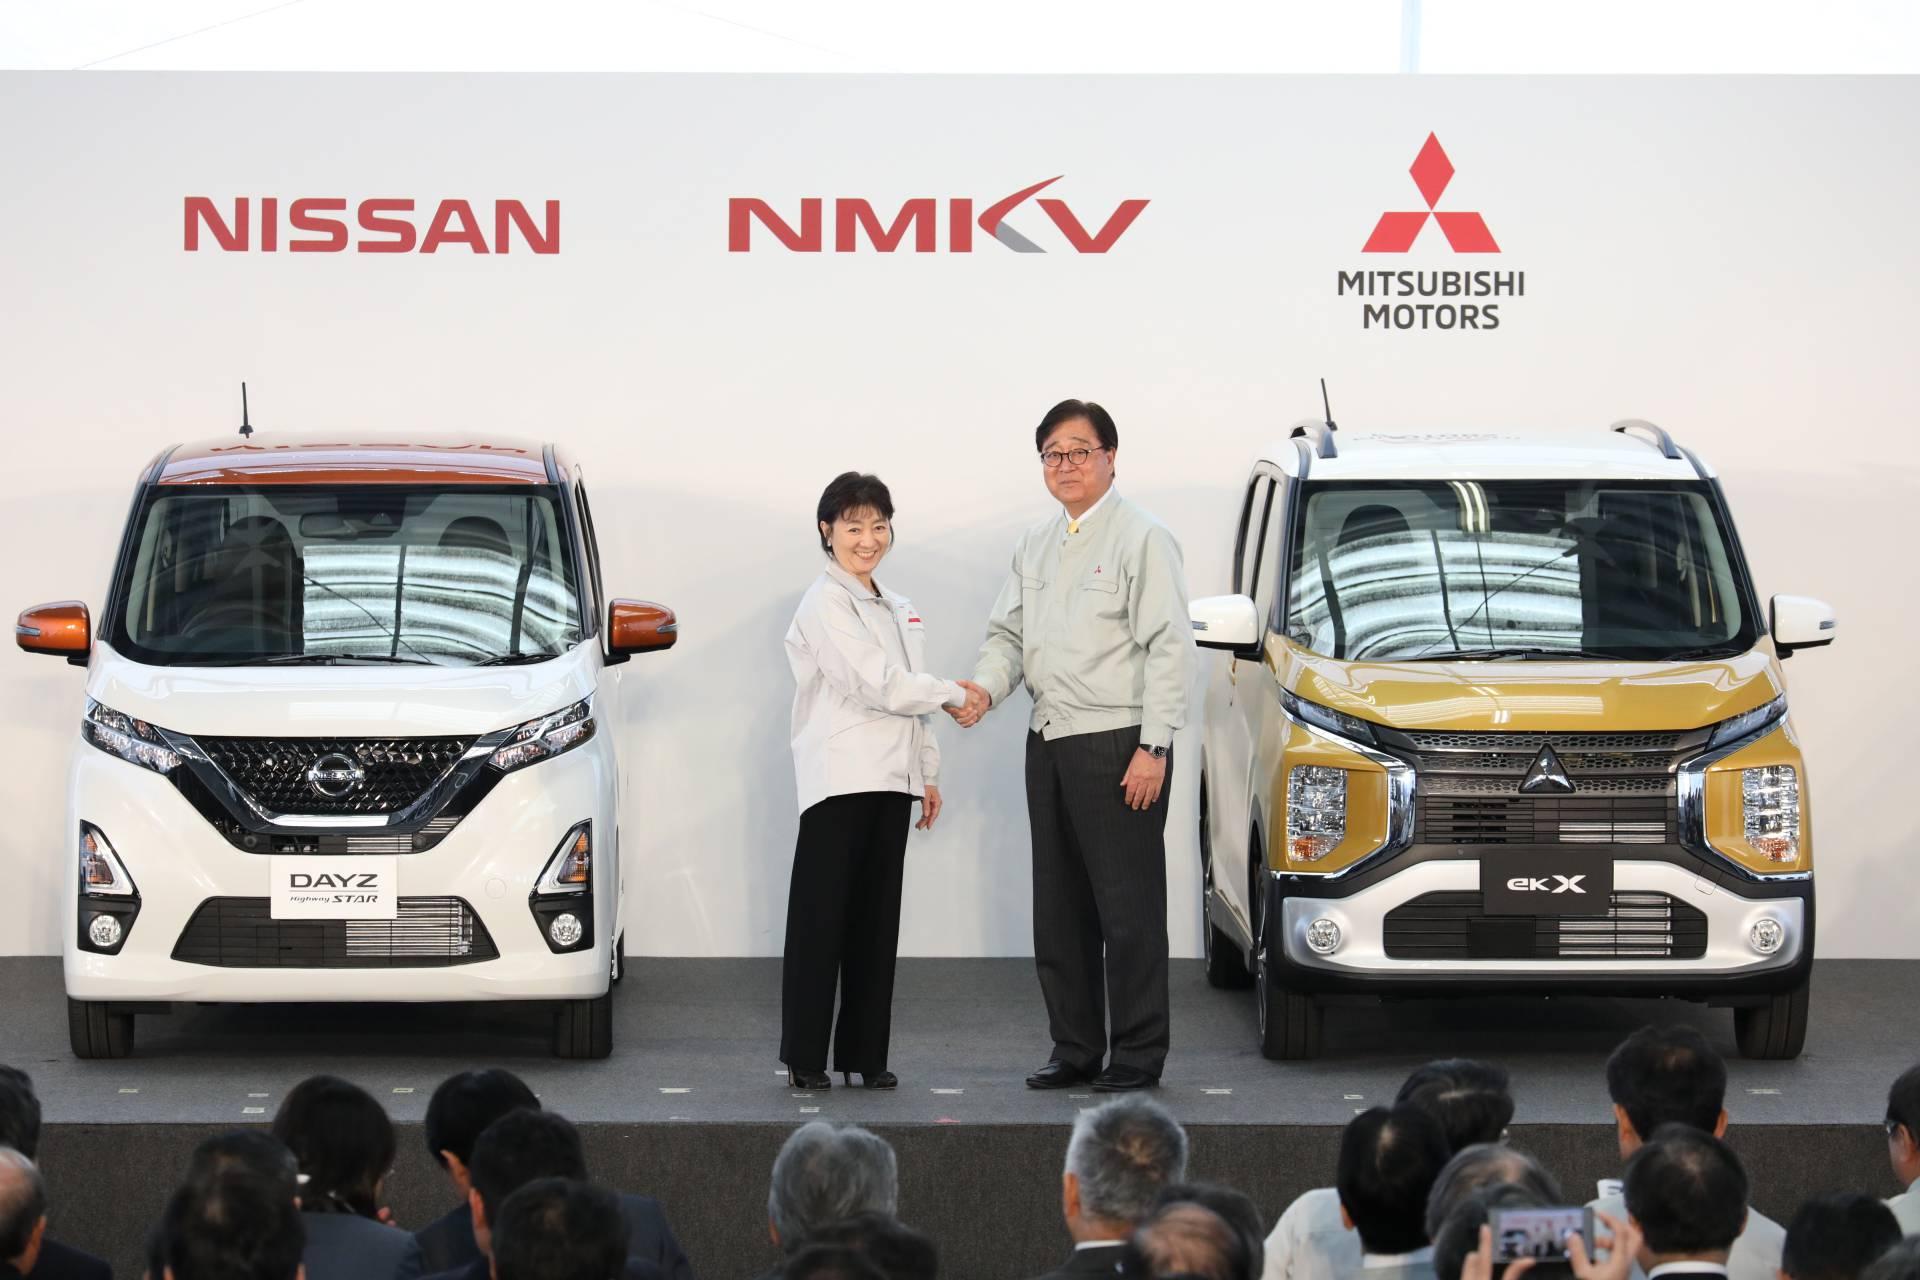 Совместное предприятие Nissan и Mitsubishi начало производство кей-каров Mitsubishi eK и Nissan Dayz новой генерации